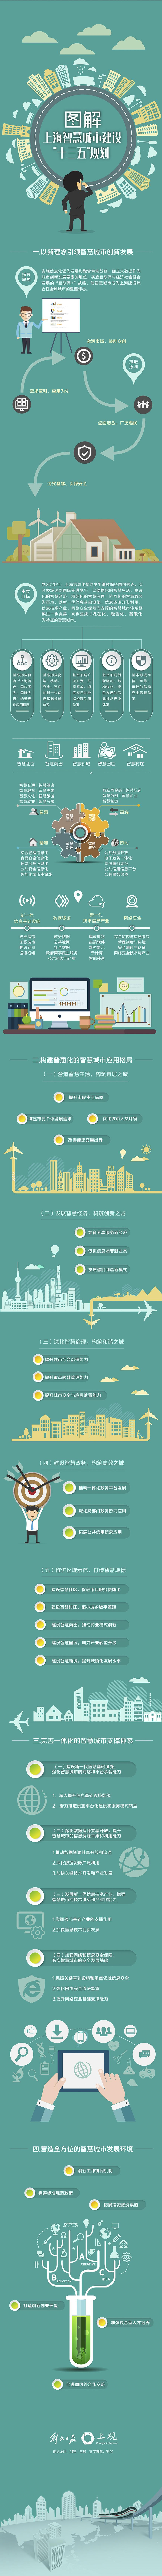 """图解上海智慧城市建设""""十三五""""规划"""